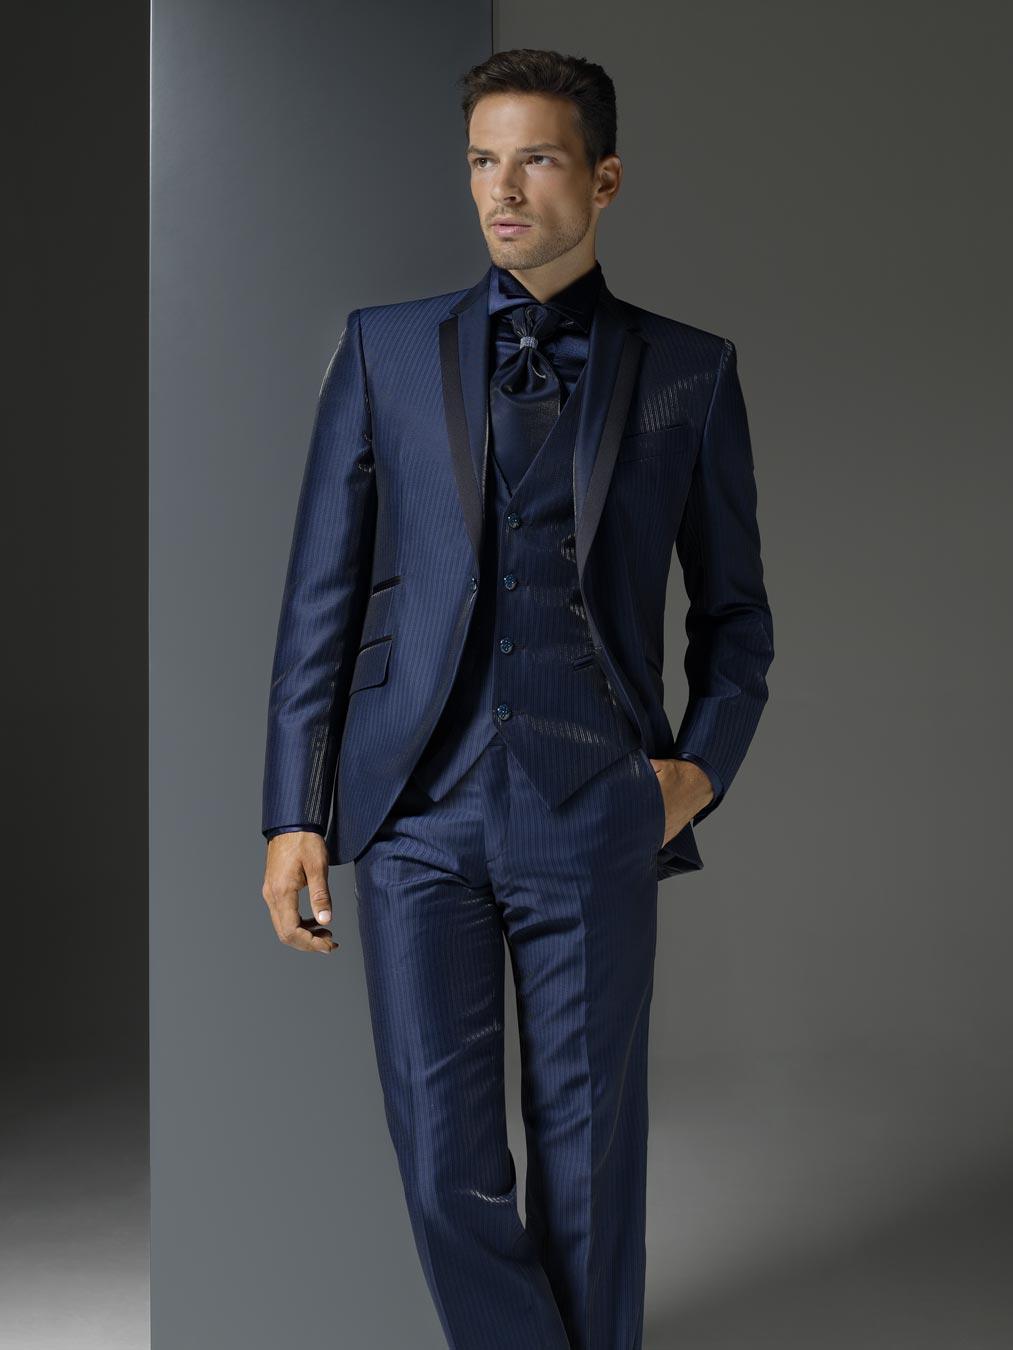 Vestito Matrimonio Uomo Rosa : Vestito da sposa uomo migliore collezione inspiration